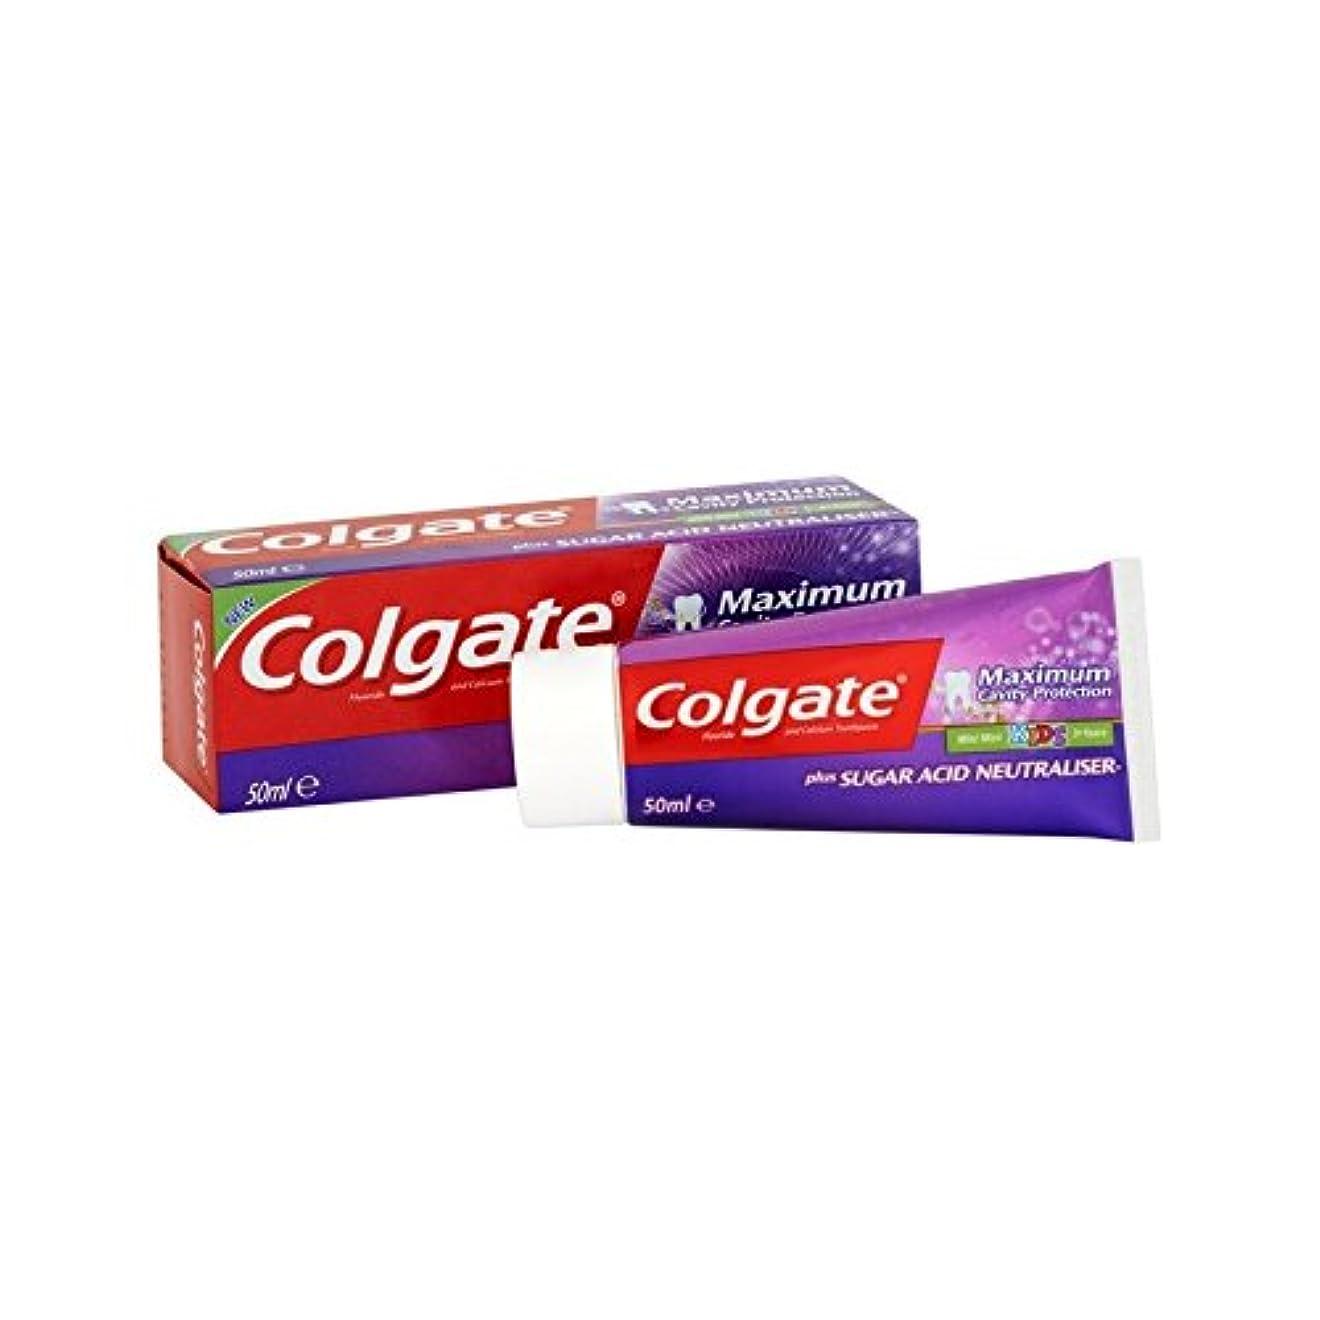 湿度破滅的な高尚な最大空洞の子供の50ミリリットルを保護 (Colgate) (x 6) - Colgate Maximum Cavity Protect Kids 50ml (Pack of 6) [並行輸入品]